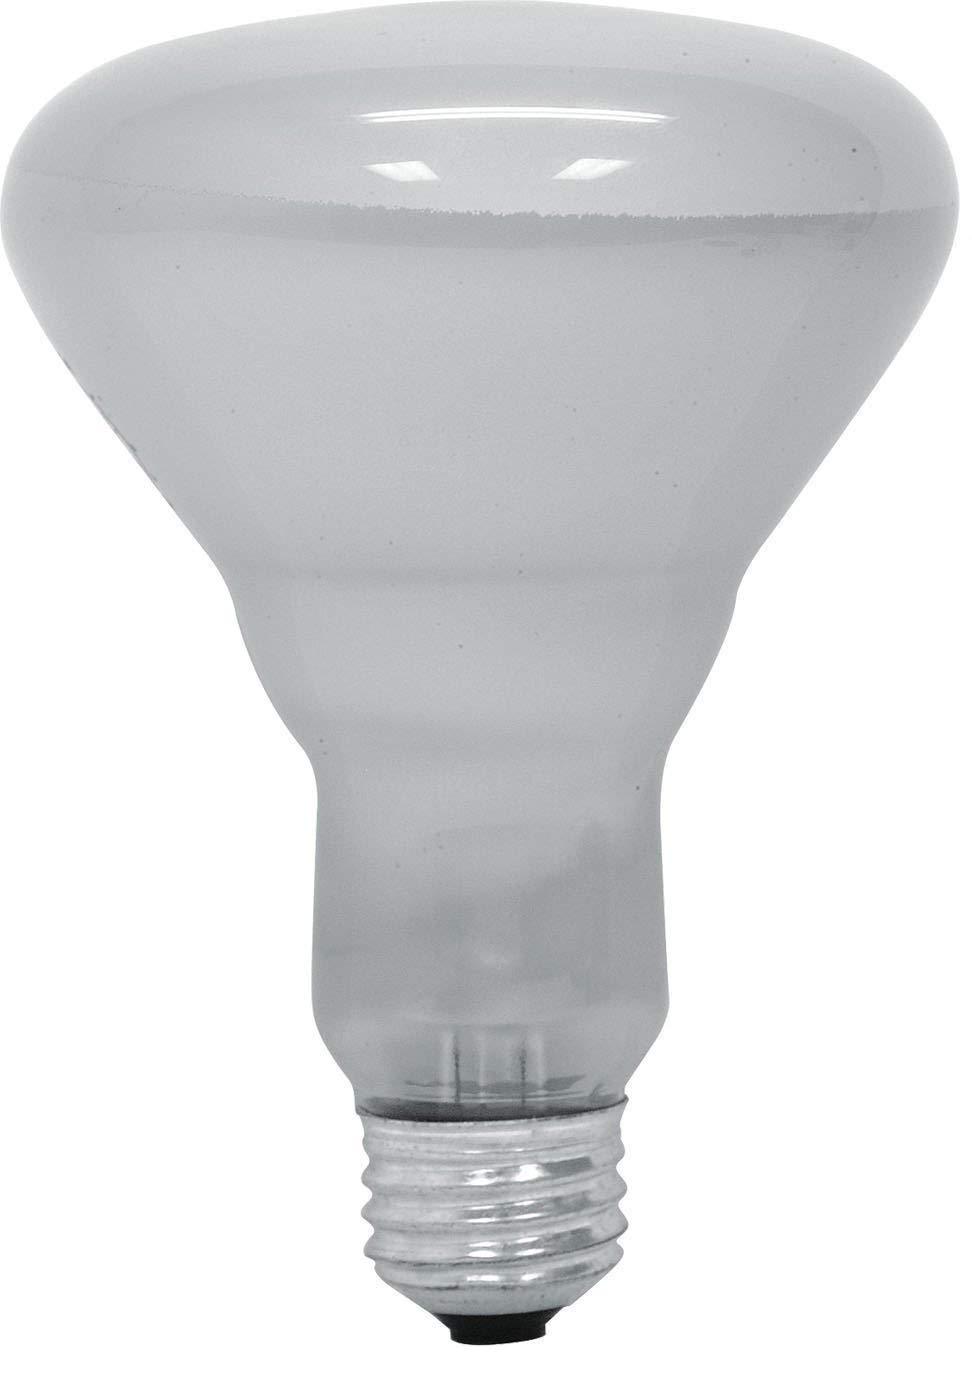 GE 65 Watt Soft White 580-Lumen Floodlight BR30 Light Bulb, (12 Pack)